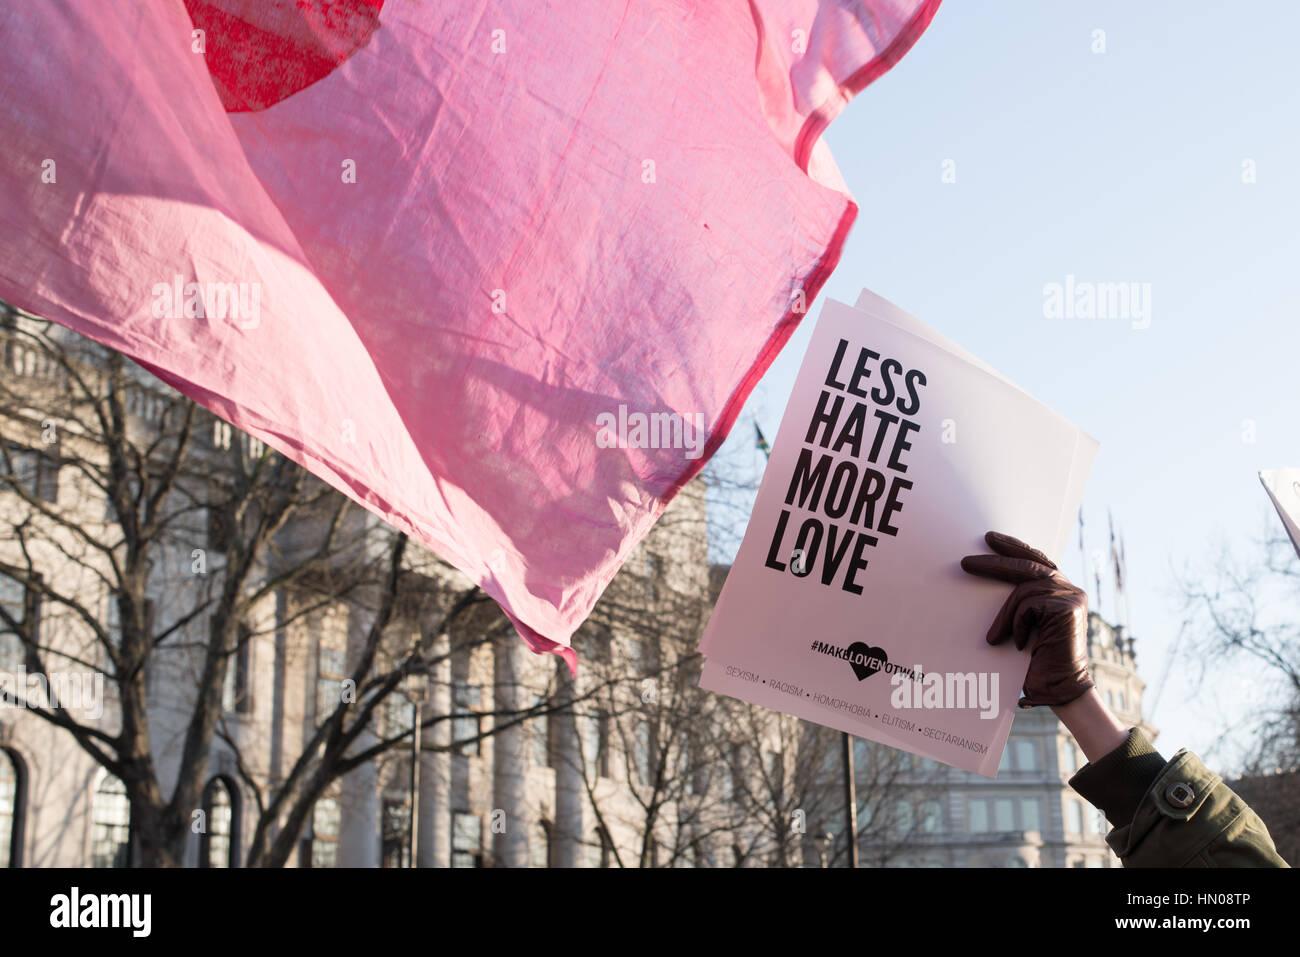 London, Regno Unito - 21 gennaio 2017. Mano azienda dicendo di segno meno odio più amore. Migliaia di persone Immagini Stock